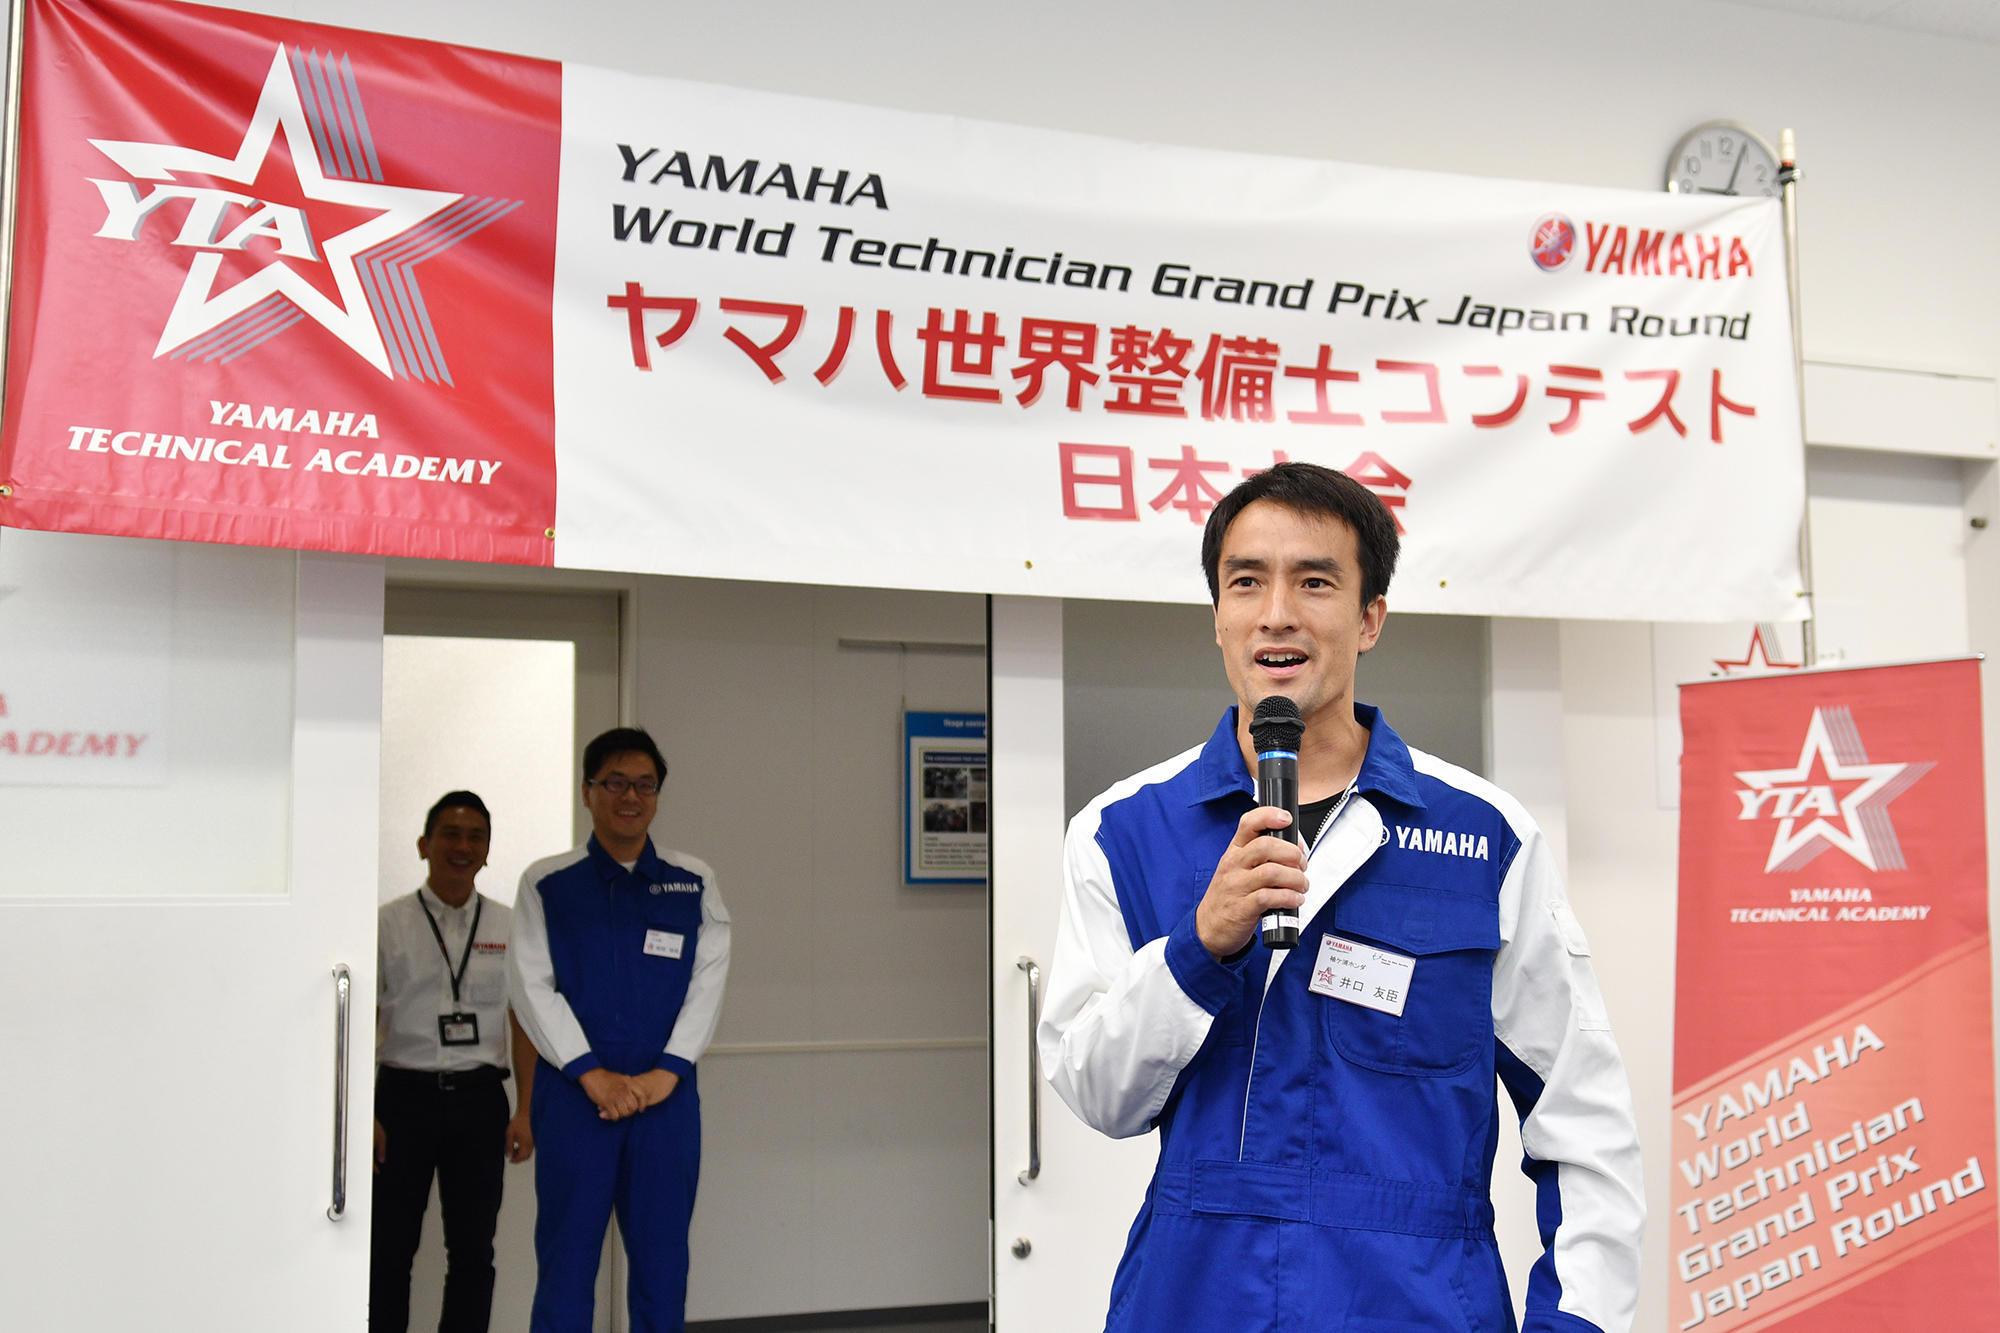 「勝って世界大会に連れて行く!」という5歳の息子さんとの約束を叶えた整備が大好き♡パパさんメカが日本代表に